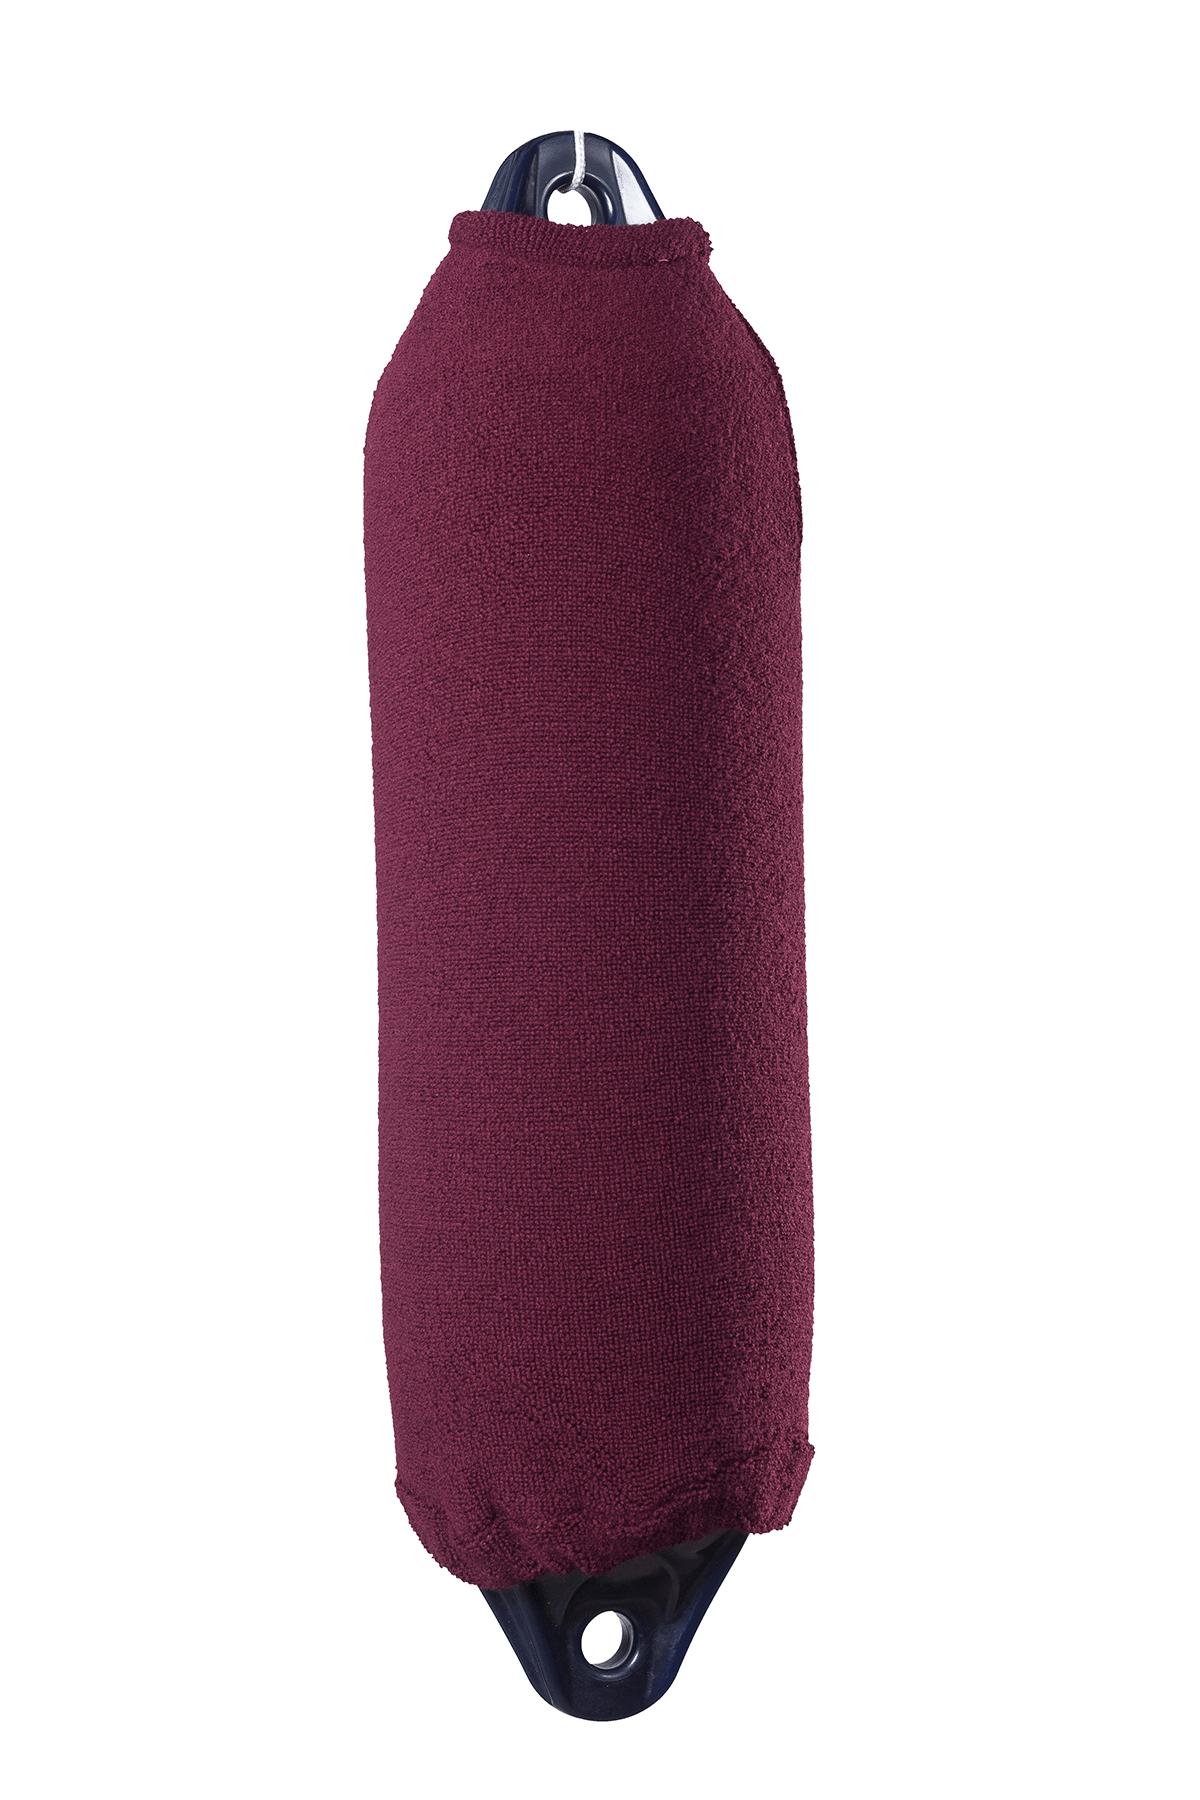 37.68 - Καλύμματα Μακρόστενων Μπαλονιών 76cm Χρώματος Μπορντό - Σετ Των 2 Τεμαχίων